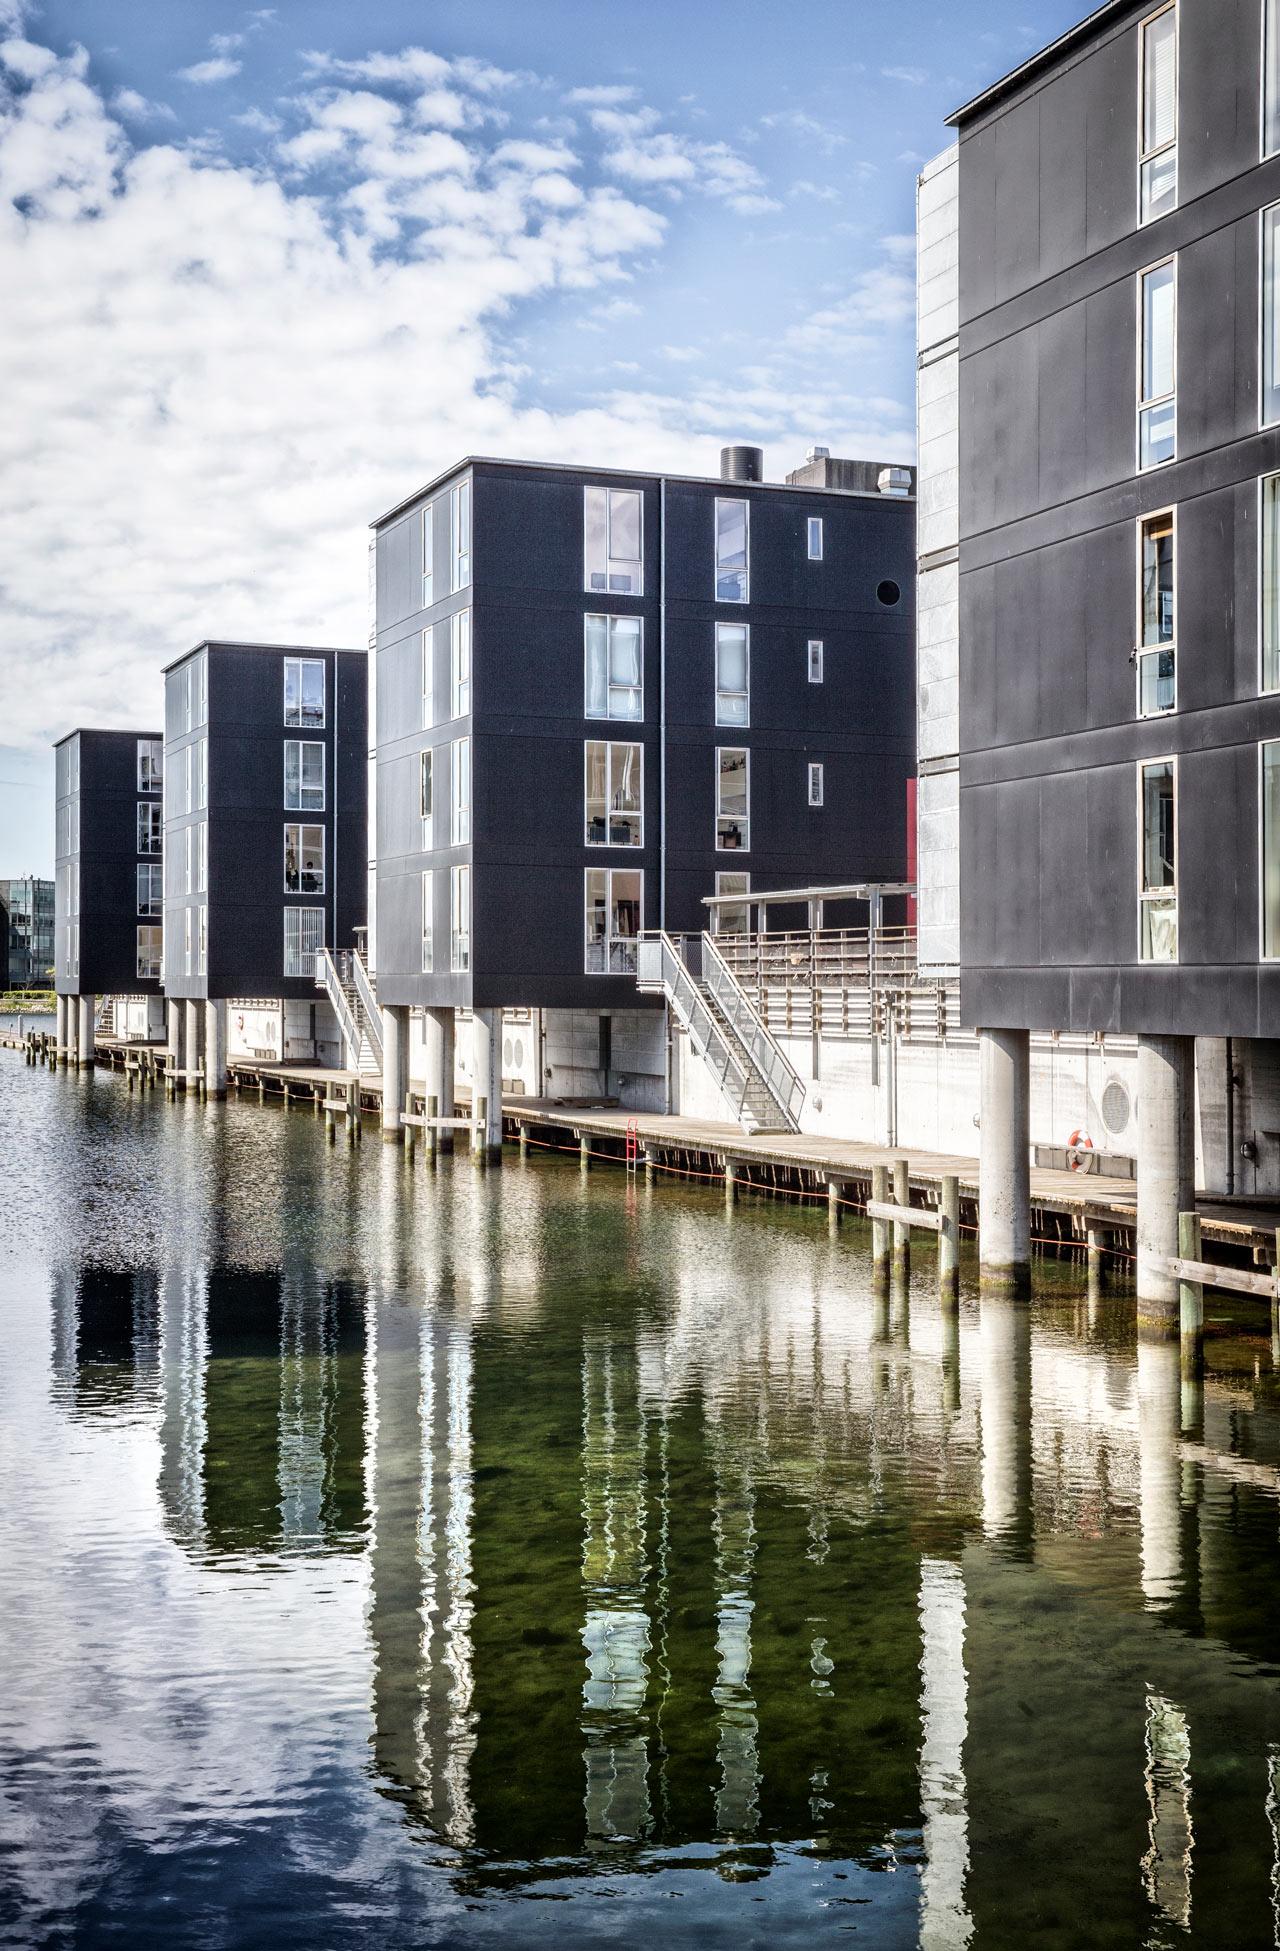 Peter Holms vej, Airbnb, Lejelejligheder, København, arkitekturfotograf